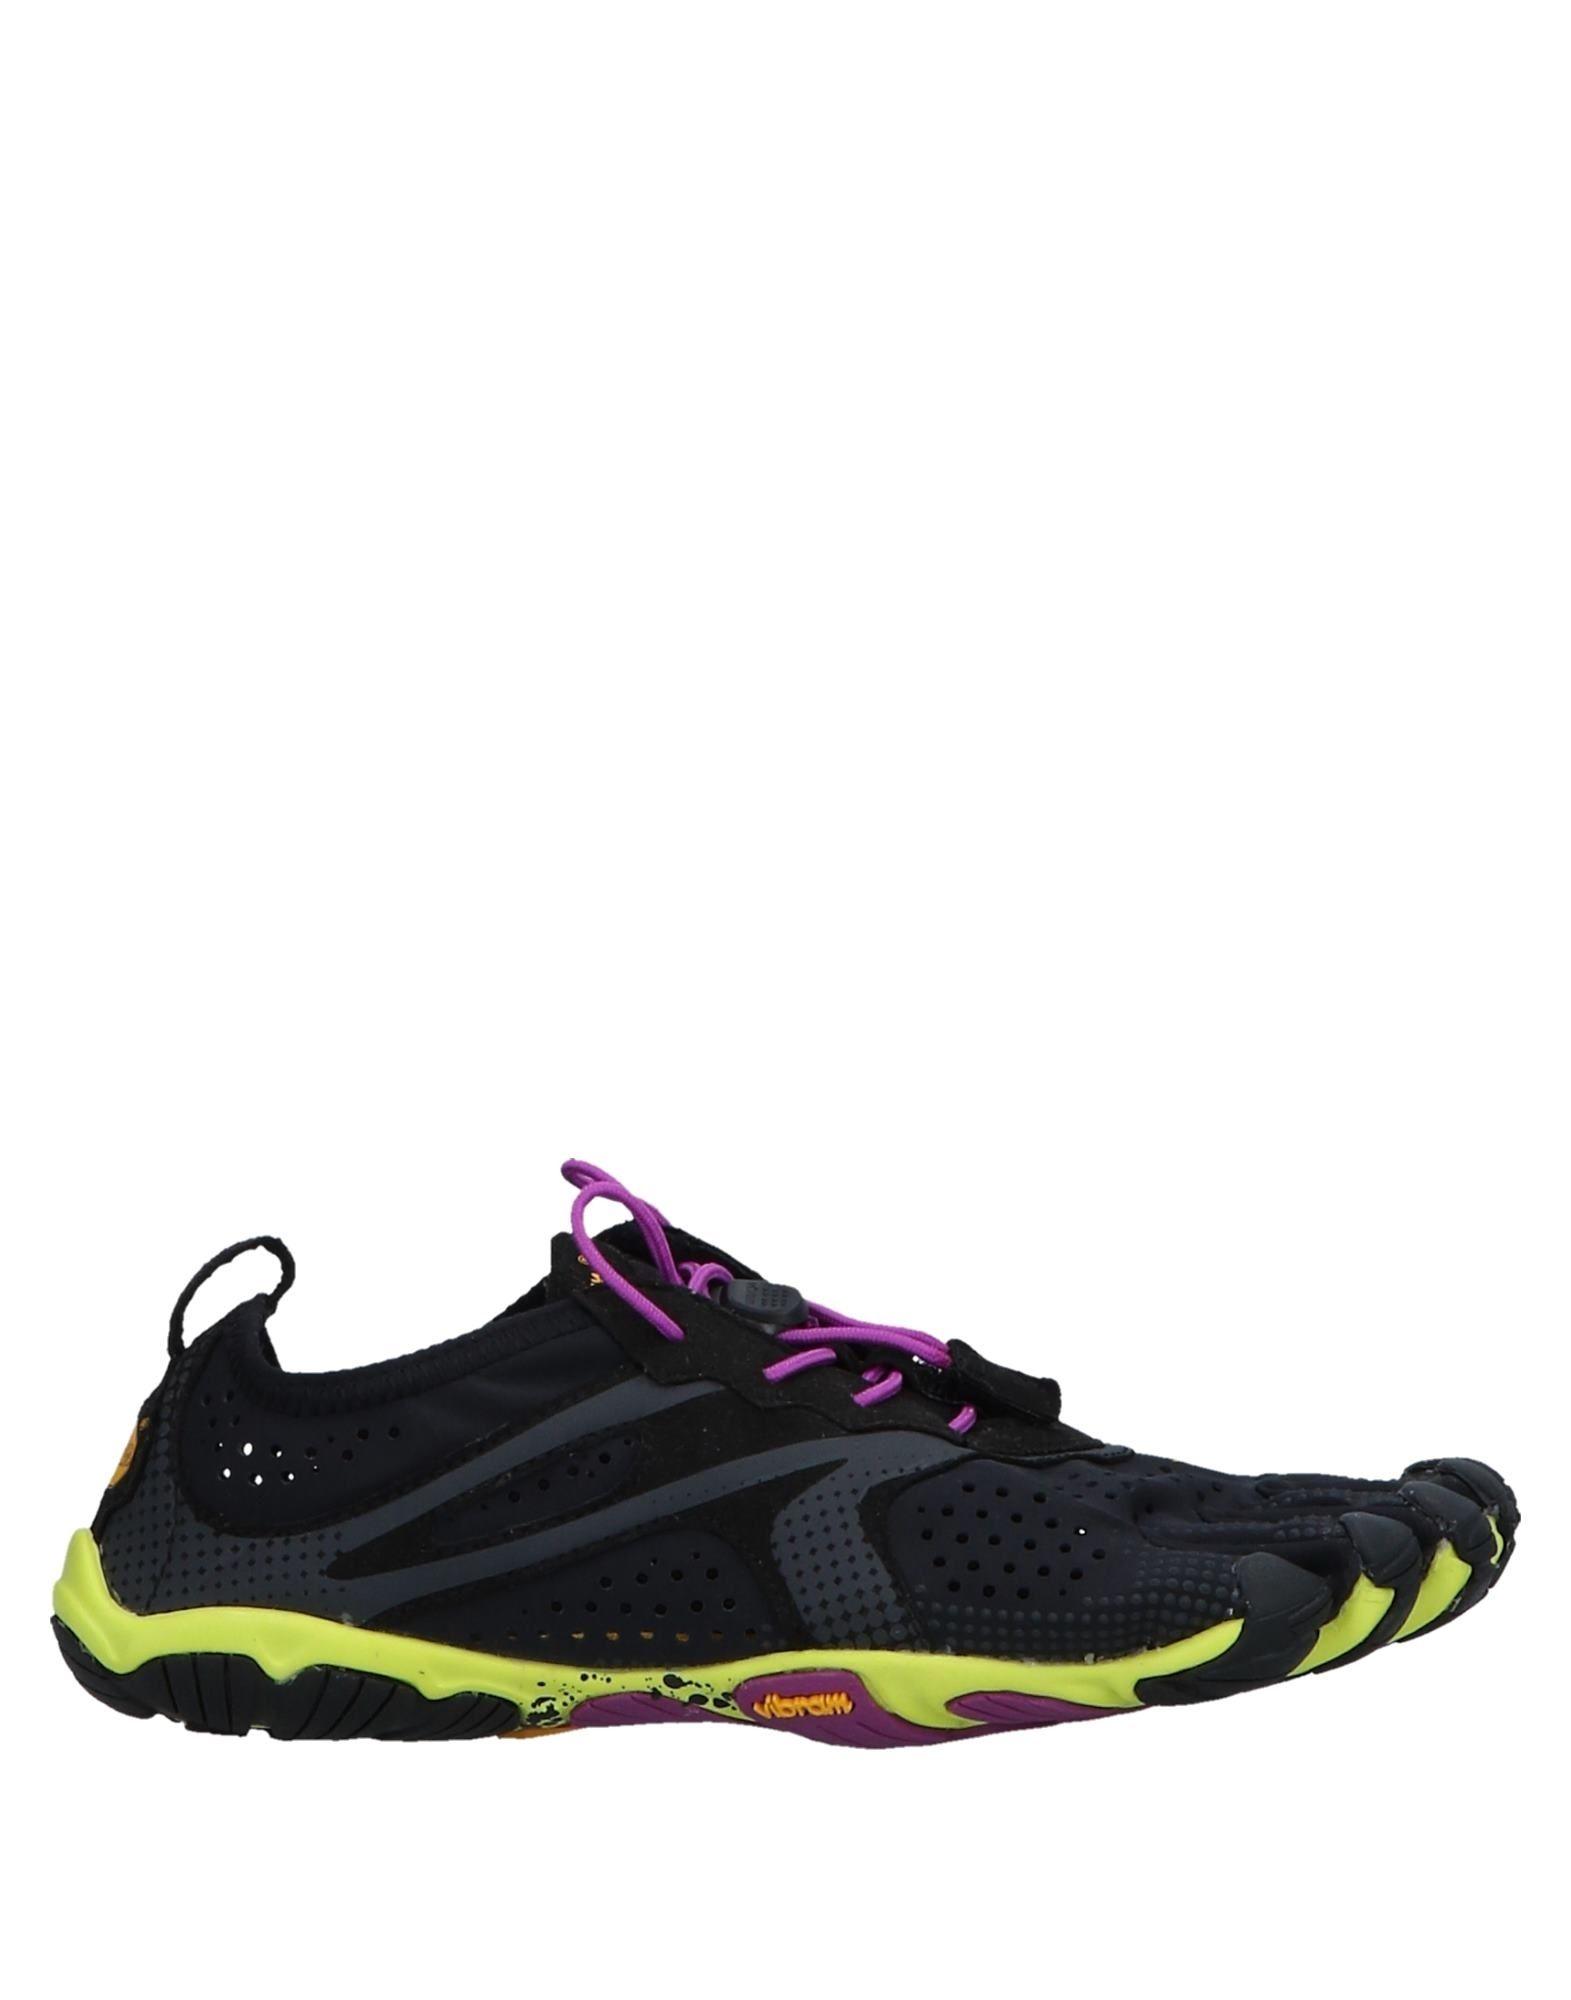 Vibram Sneakers Damen  11522898SI Gute Qualität beliebte Schuhe